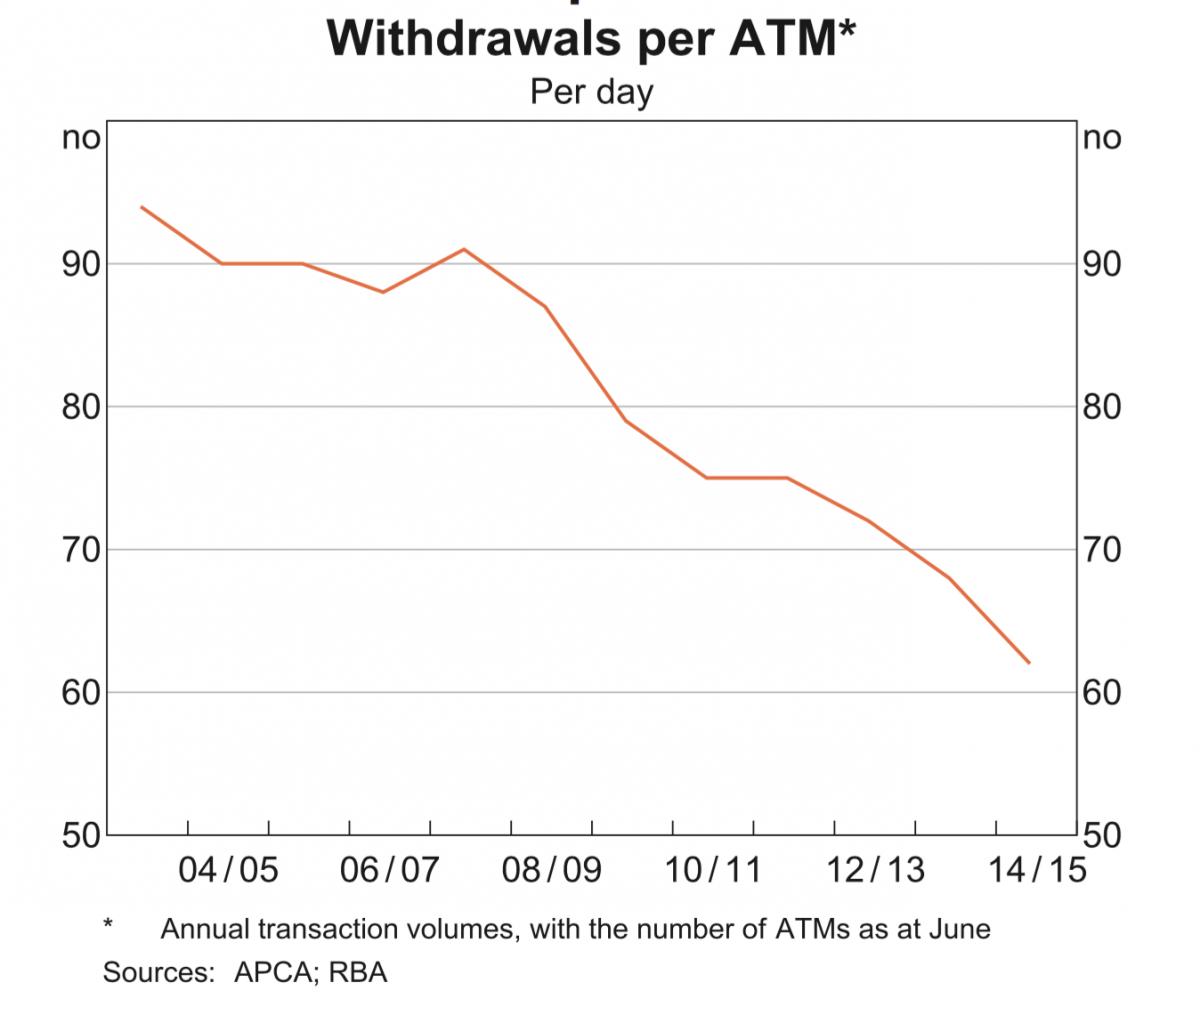 trans per ATM